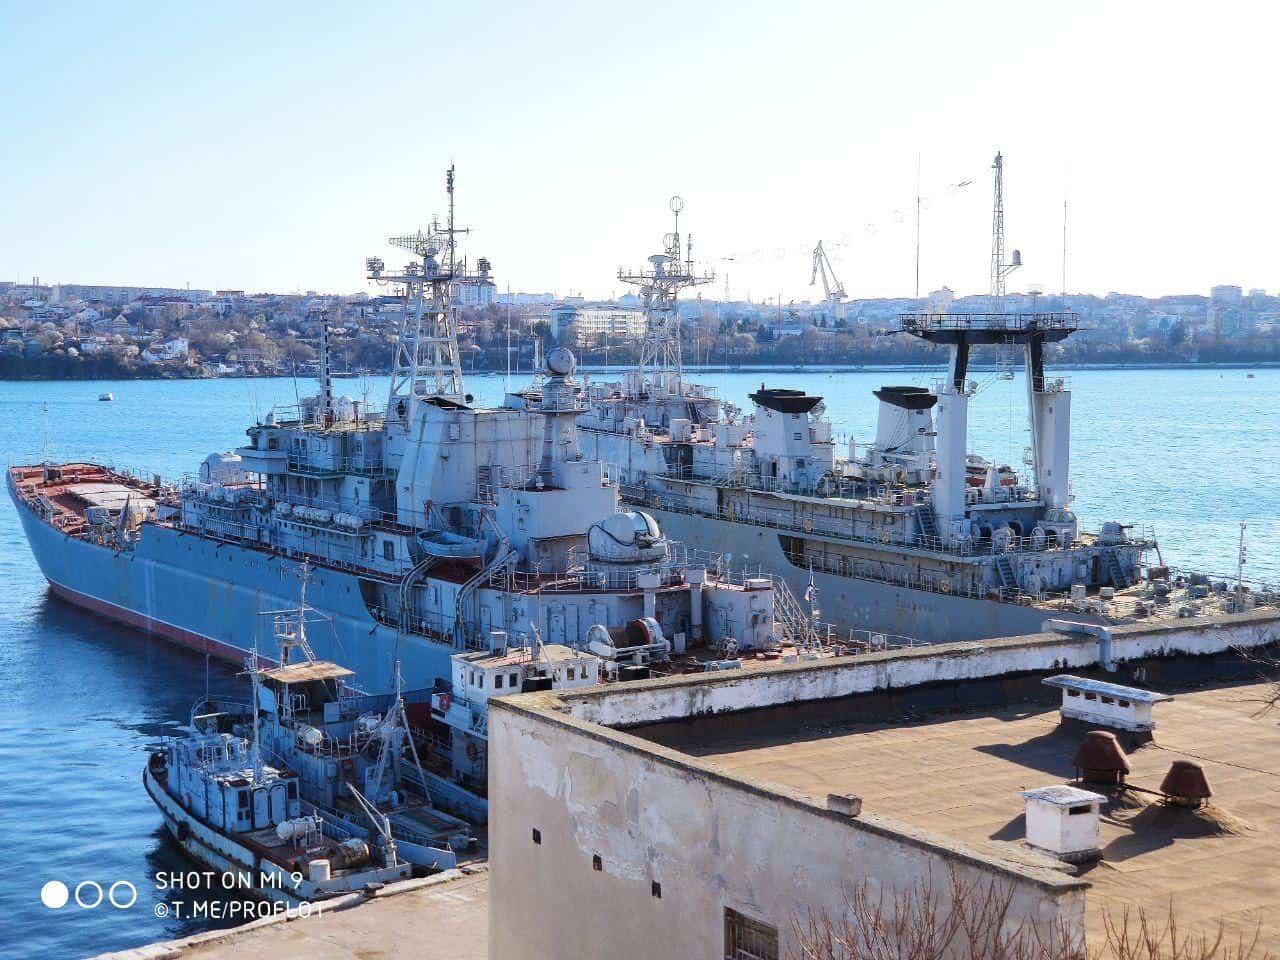 Захоплені українські військові кораблі у Севастополі